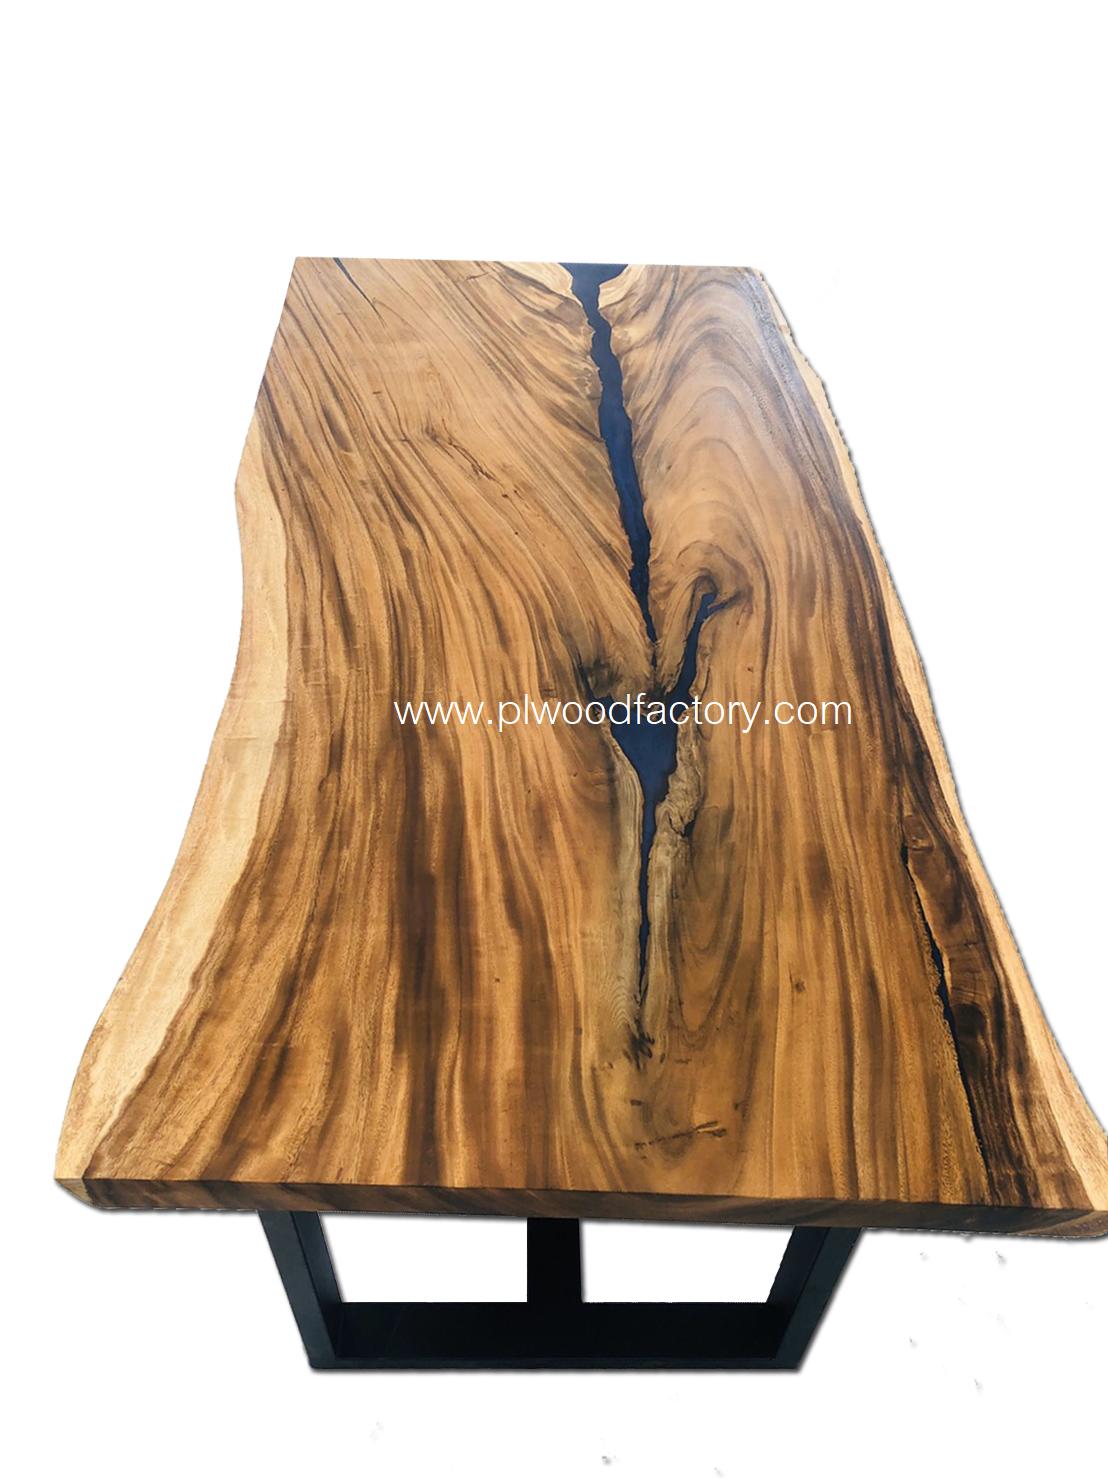 Table slab